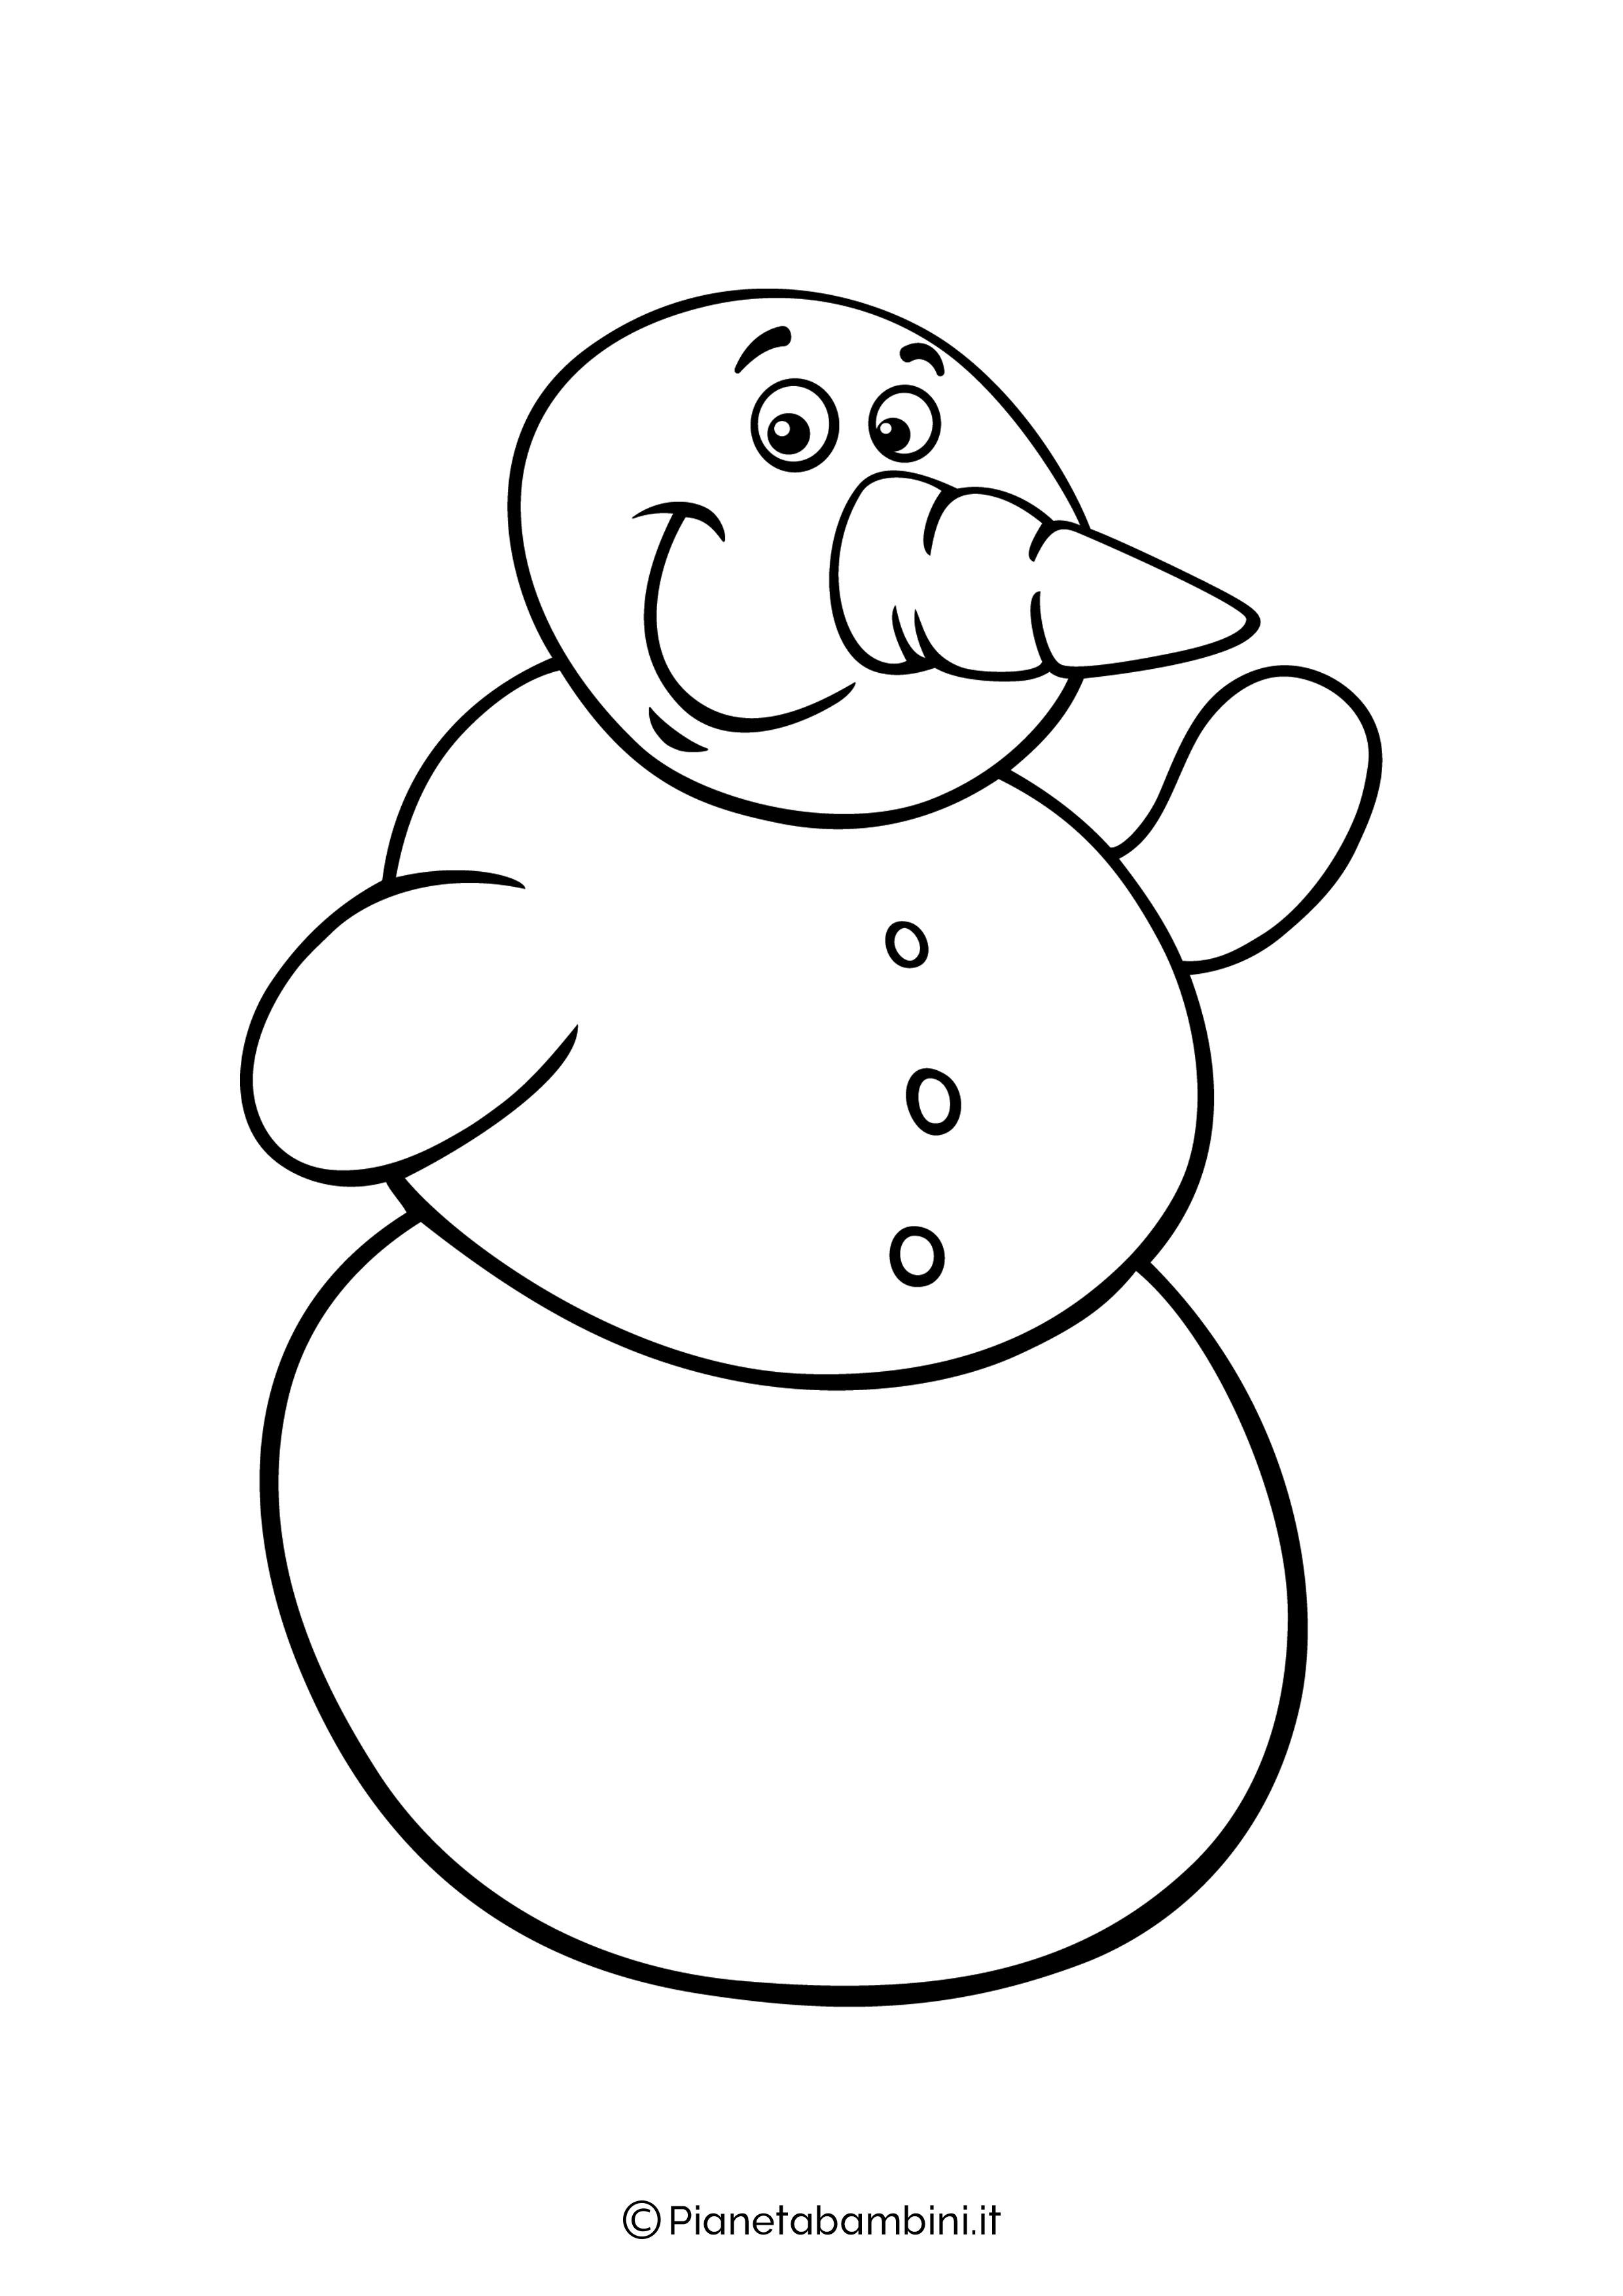 Disegno pupazzo di neve da colorare 09